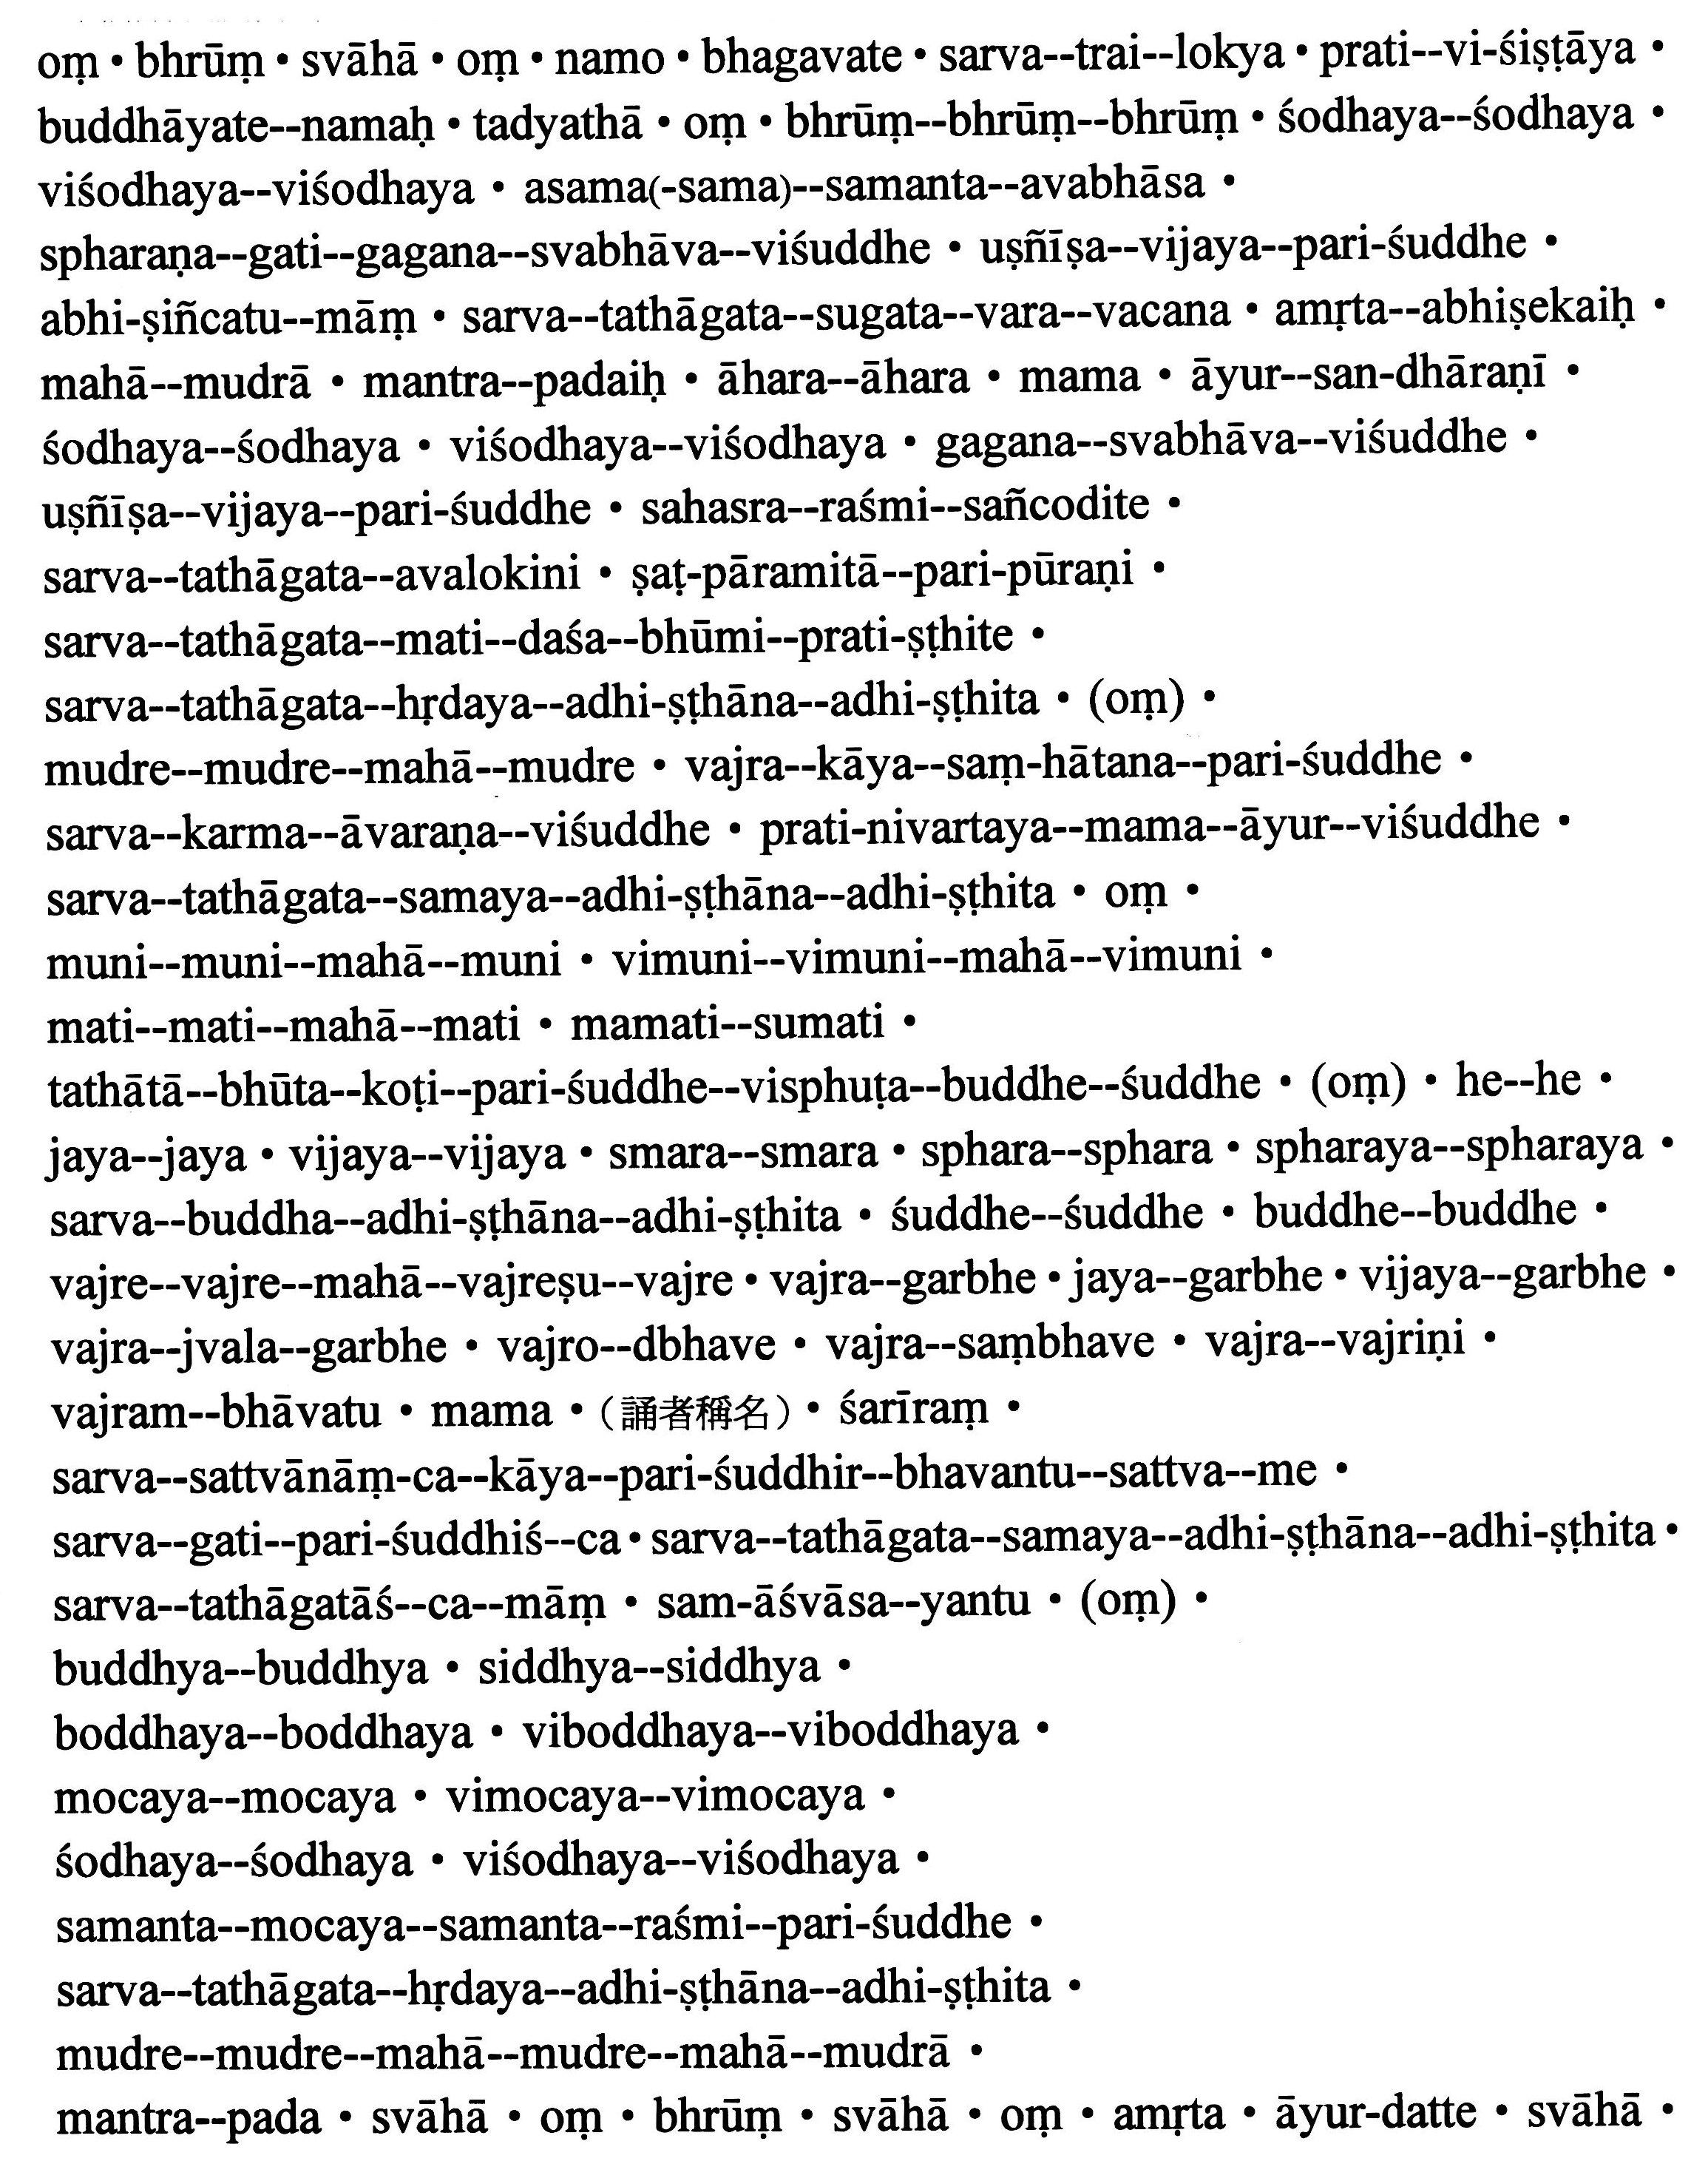 果滨居士整理的佛顶尊胜陀罗尼加字具足本!